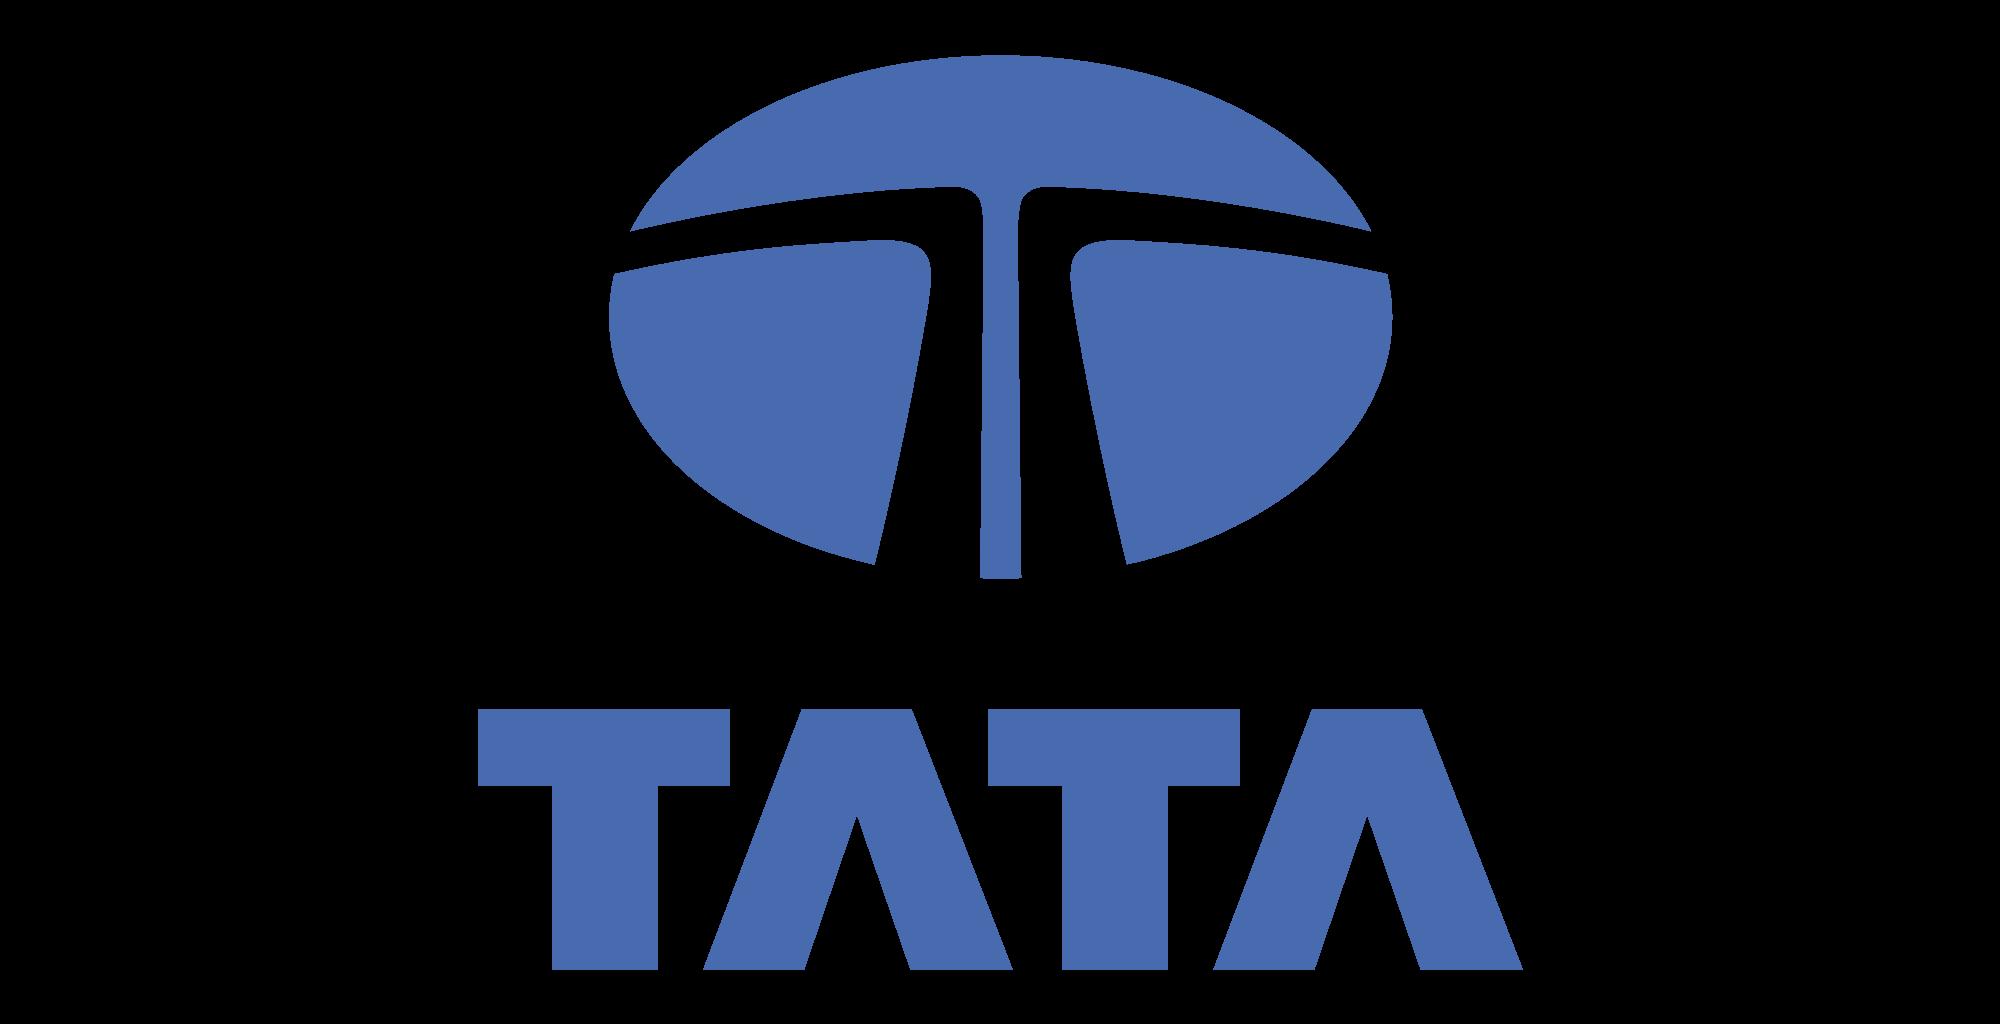 tata motors logo png